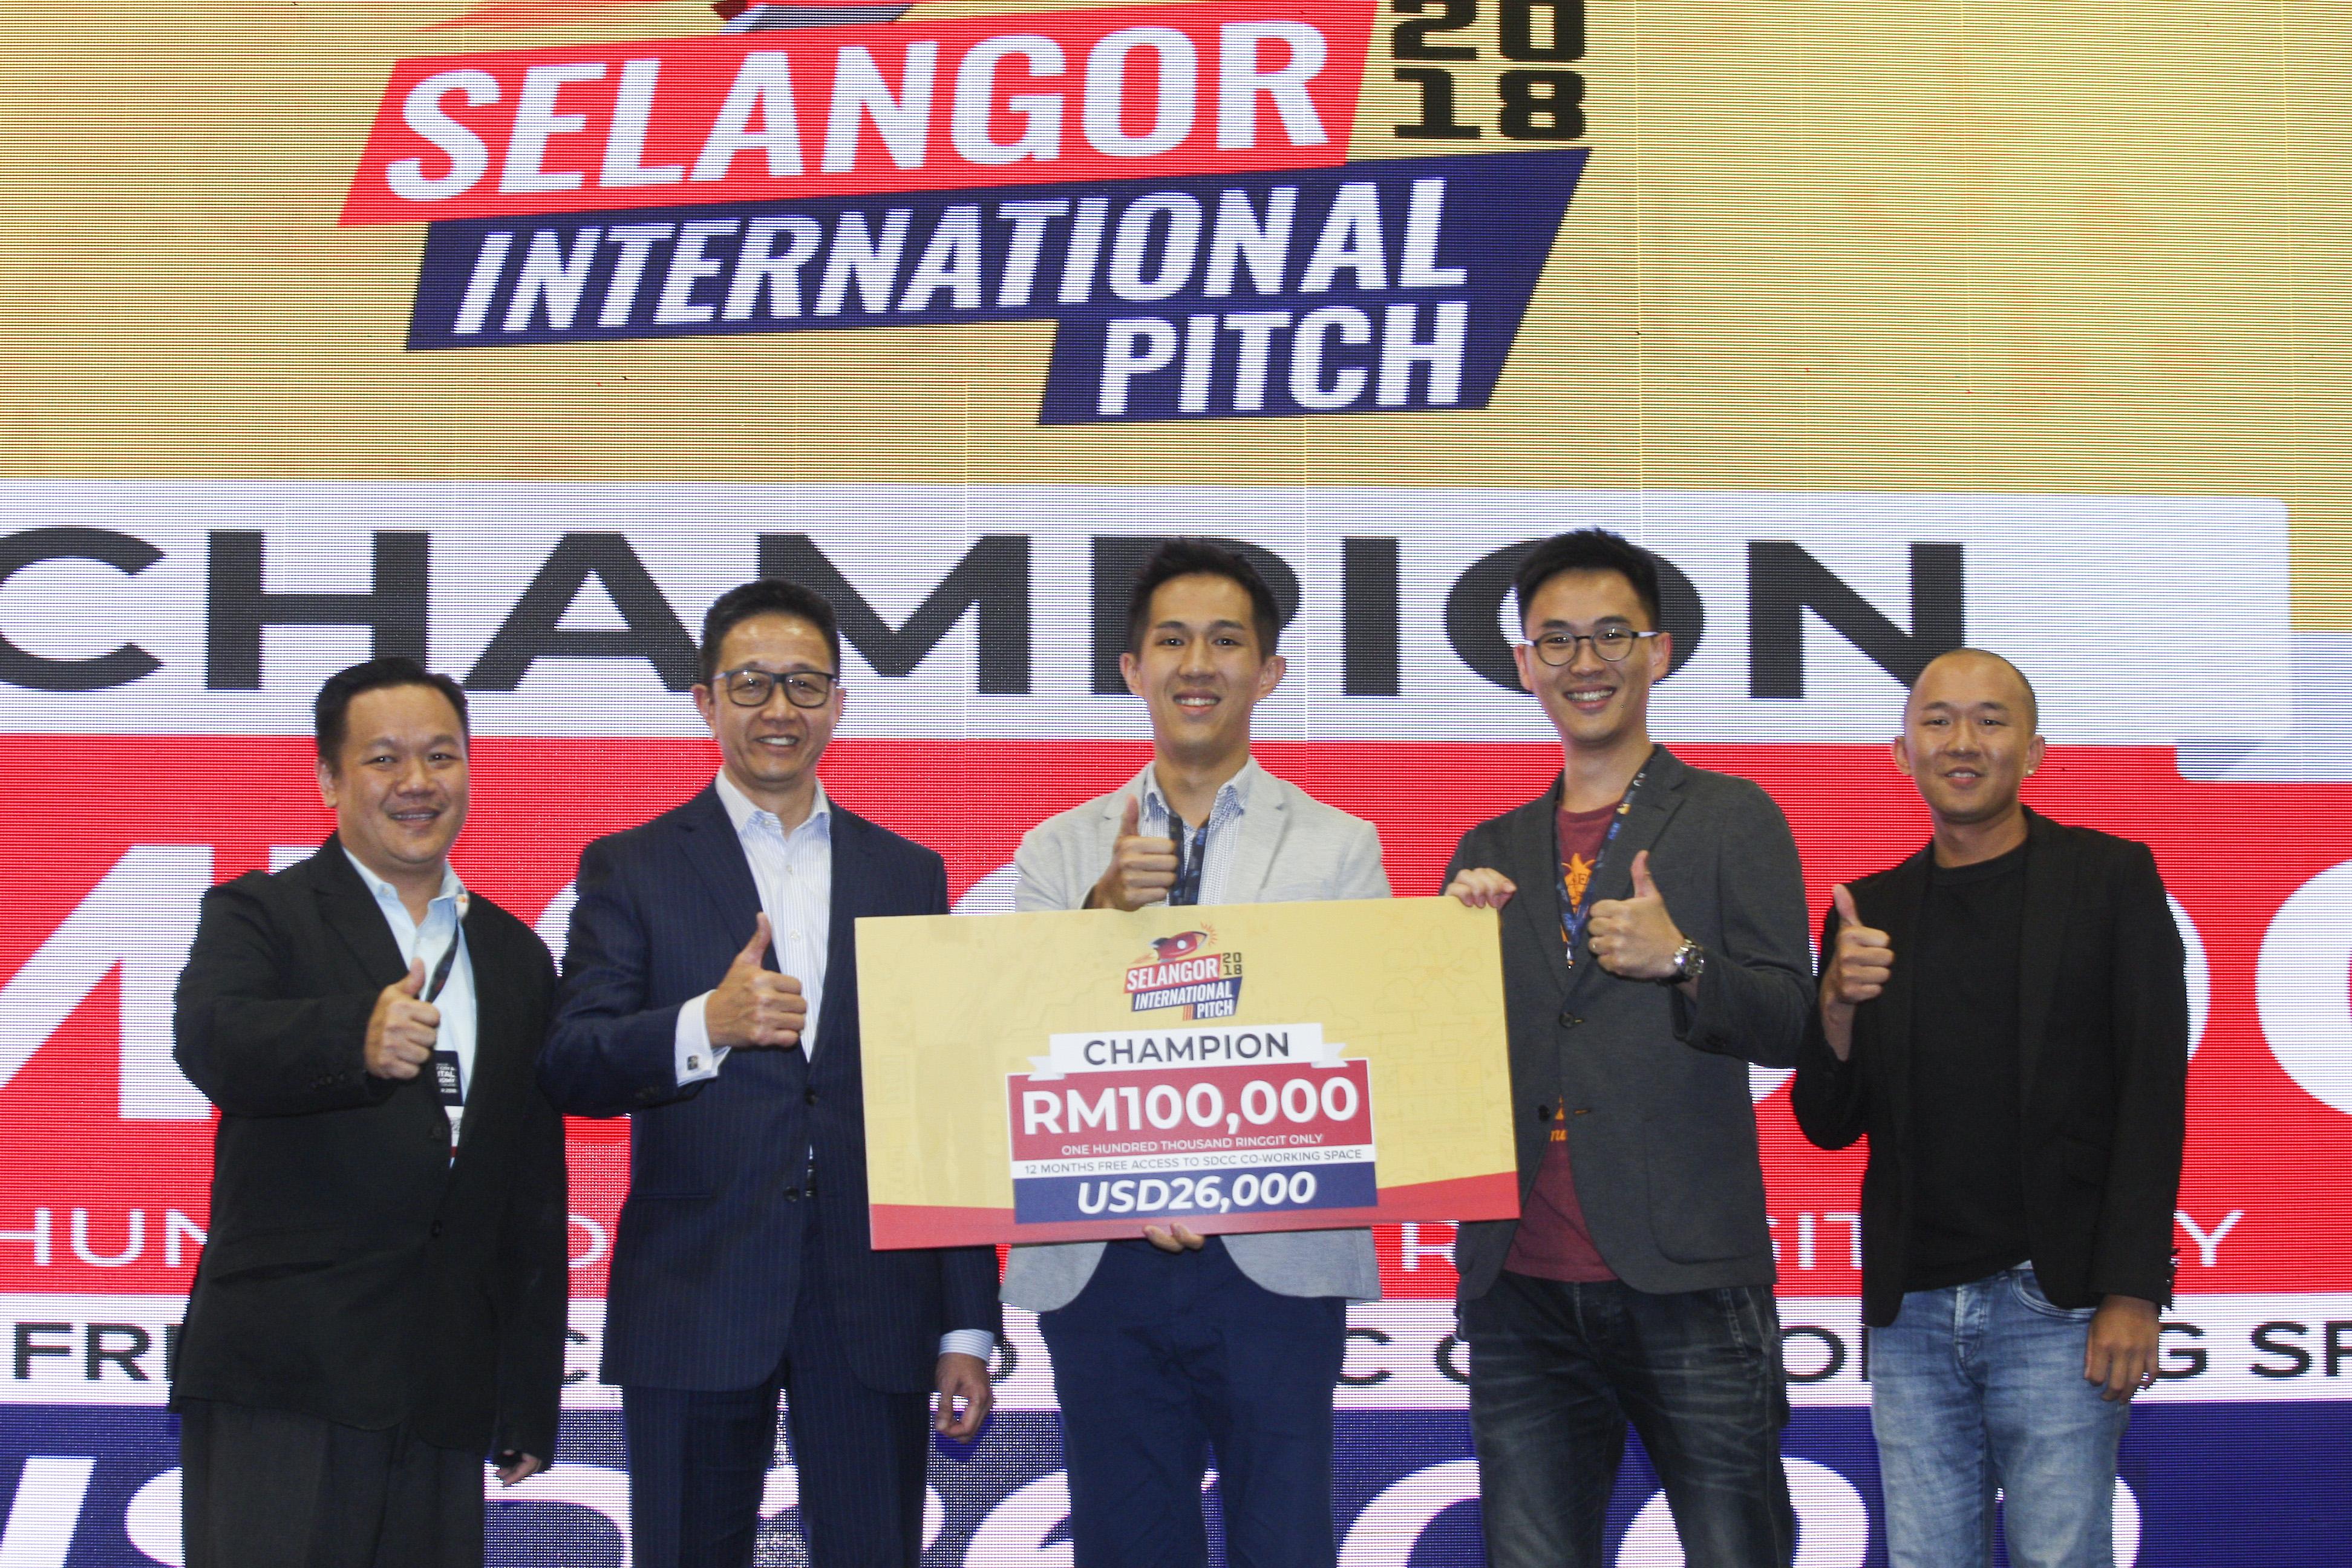 Hahow 好學校獲得評審青睞,拿下 2018 馬來西亞智慧城市展創業競賽冠軍(圖/Hahow)